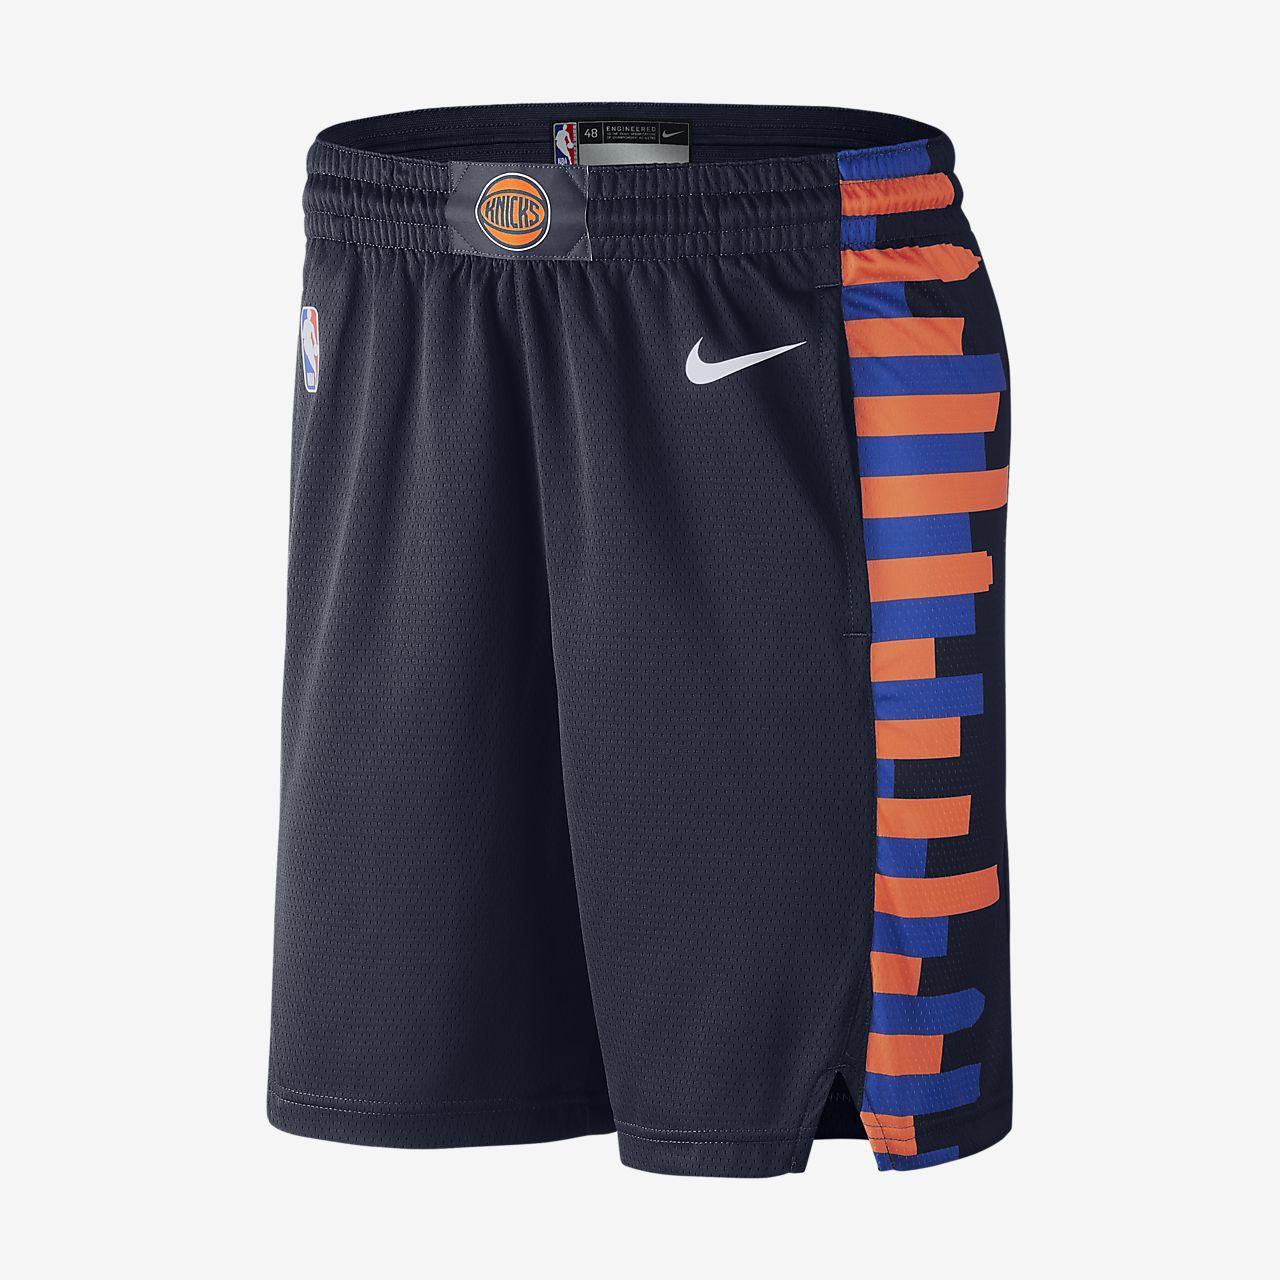 ニューヨーク ニックス シティ エディション スウィングマン メンズ ナイキ NBA ショートパンツ